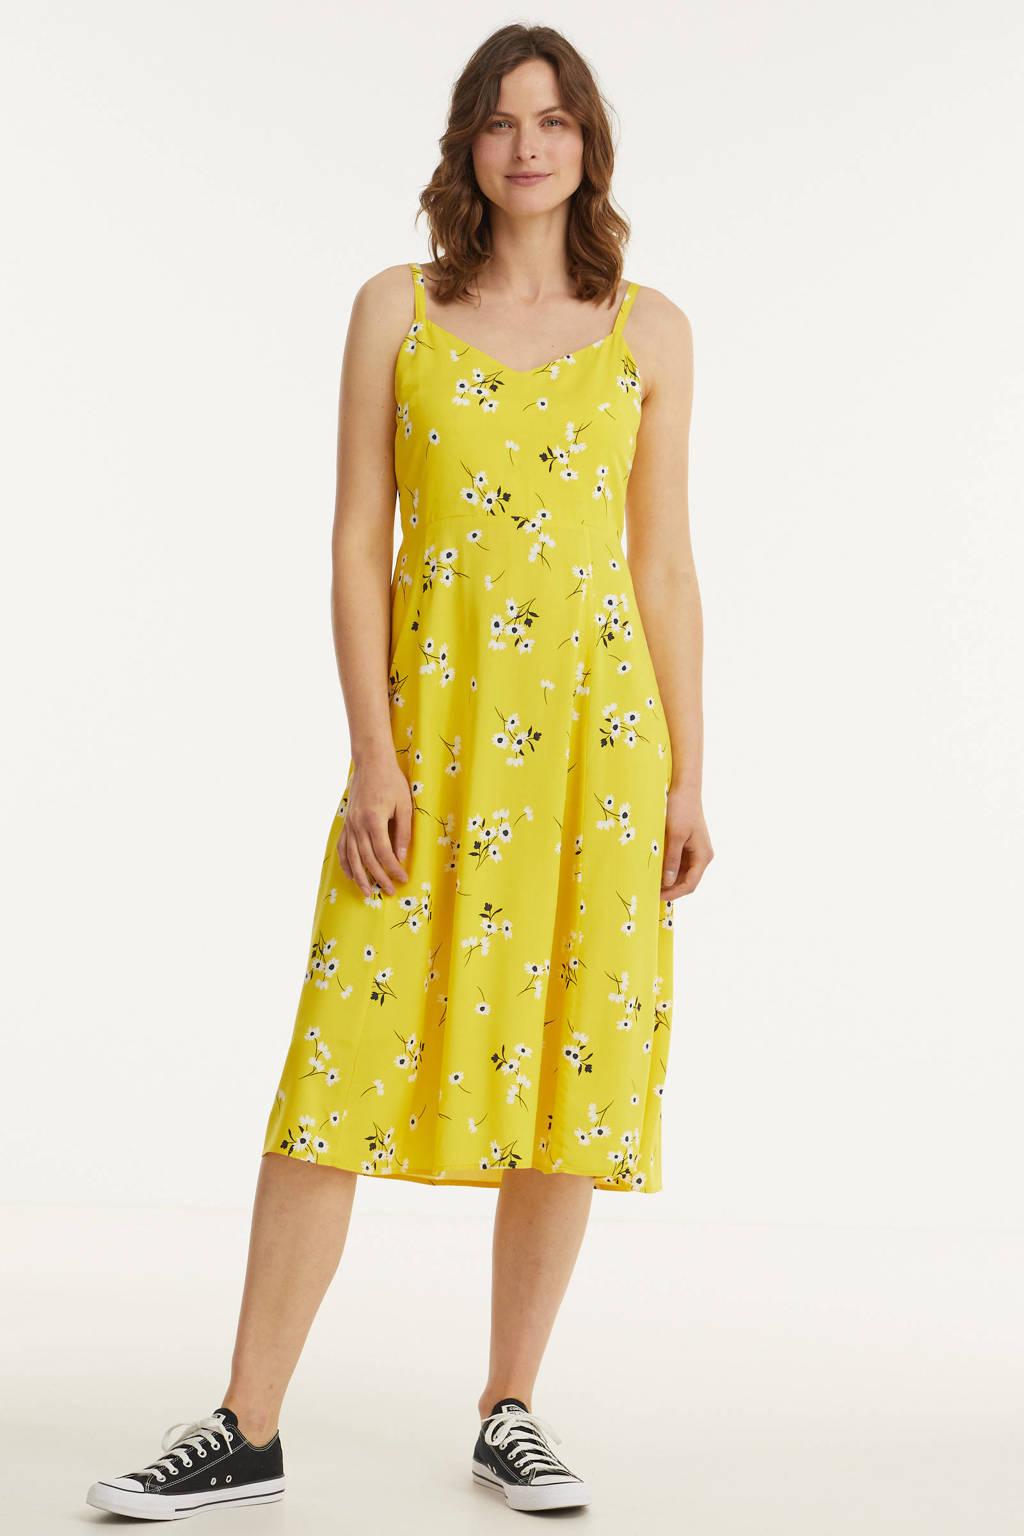 GAP gebloemde A-lijn jurk geel, Geel